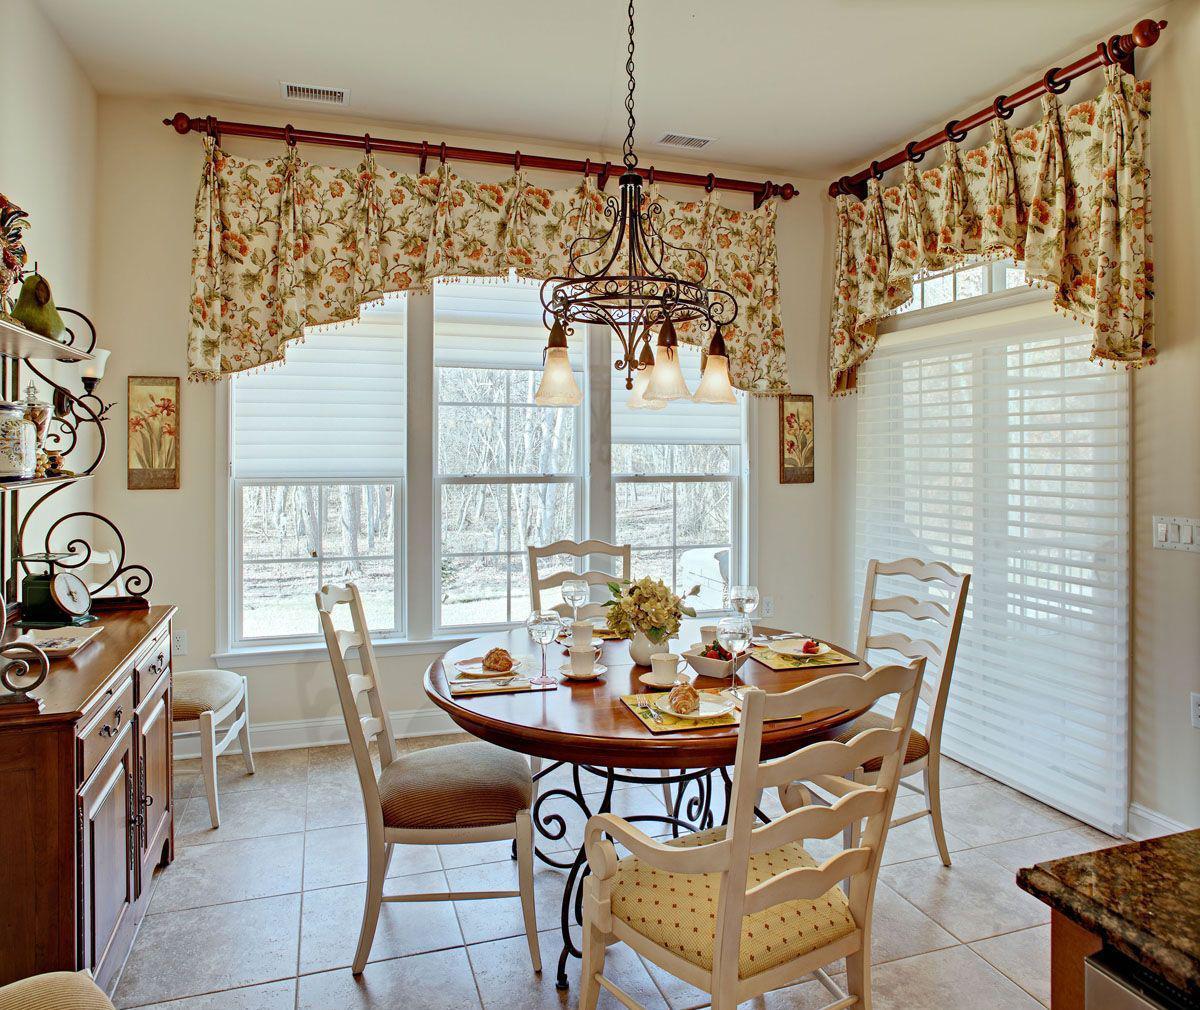 Дизайн штор для кухни: топ-200 фото новинок. оригинальные идеи сочетания цвета и стиля штор в интерьере кухни